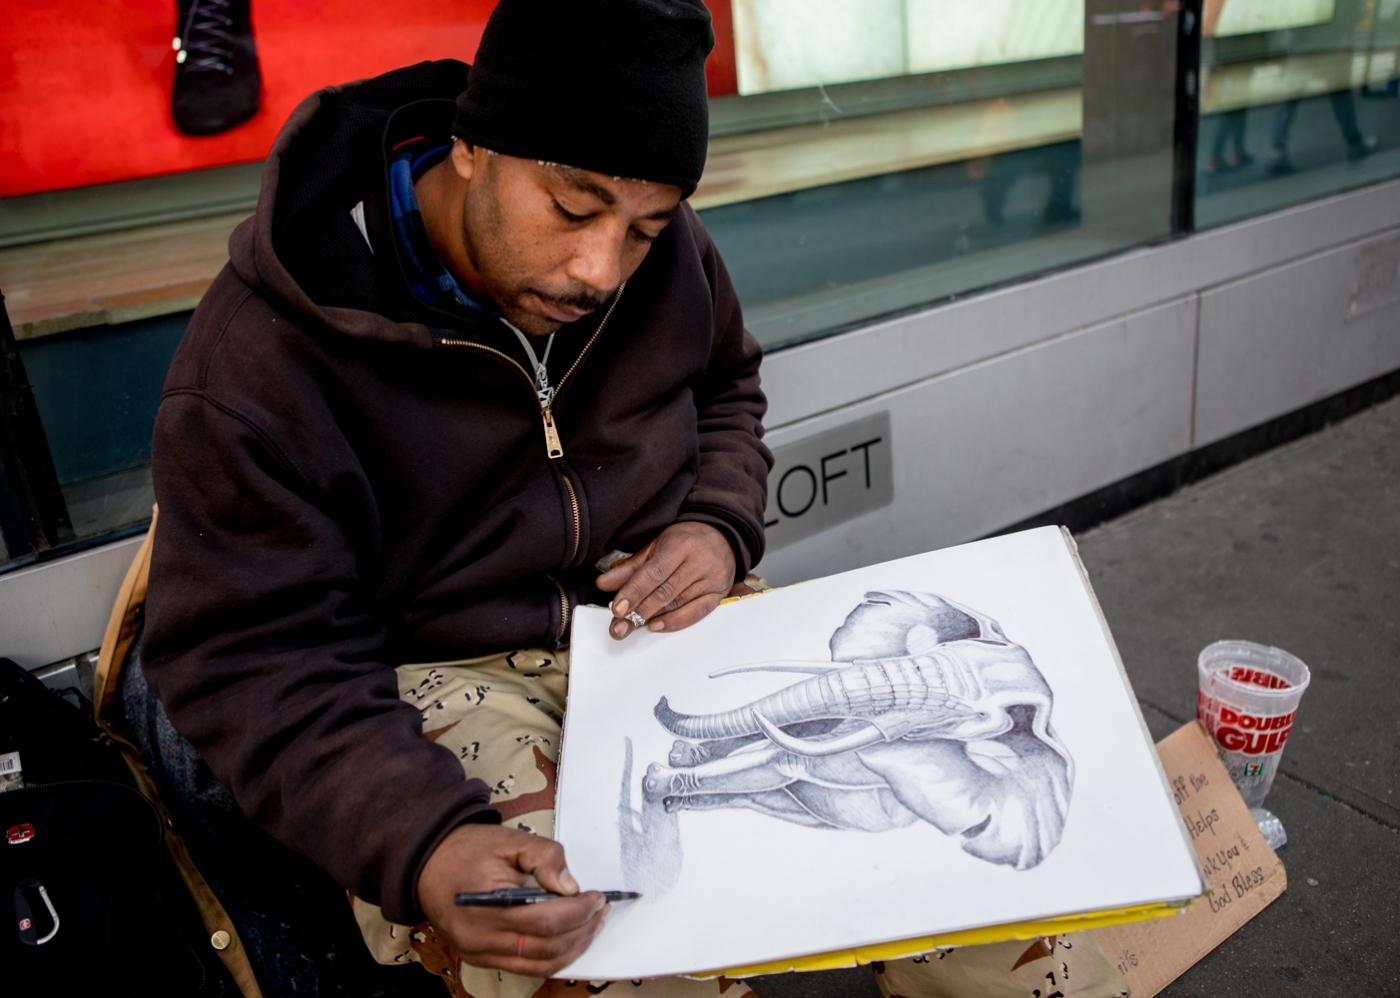 紐約時代廣場旁一位流浪畫家161213_图1-4